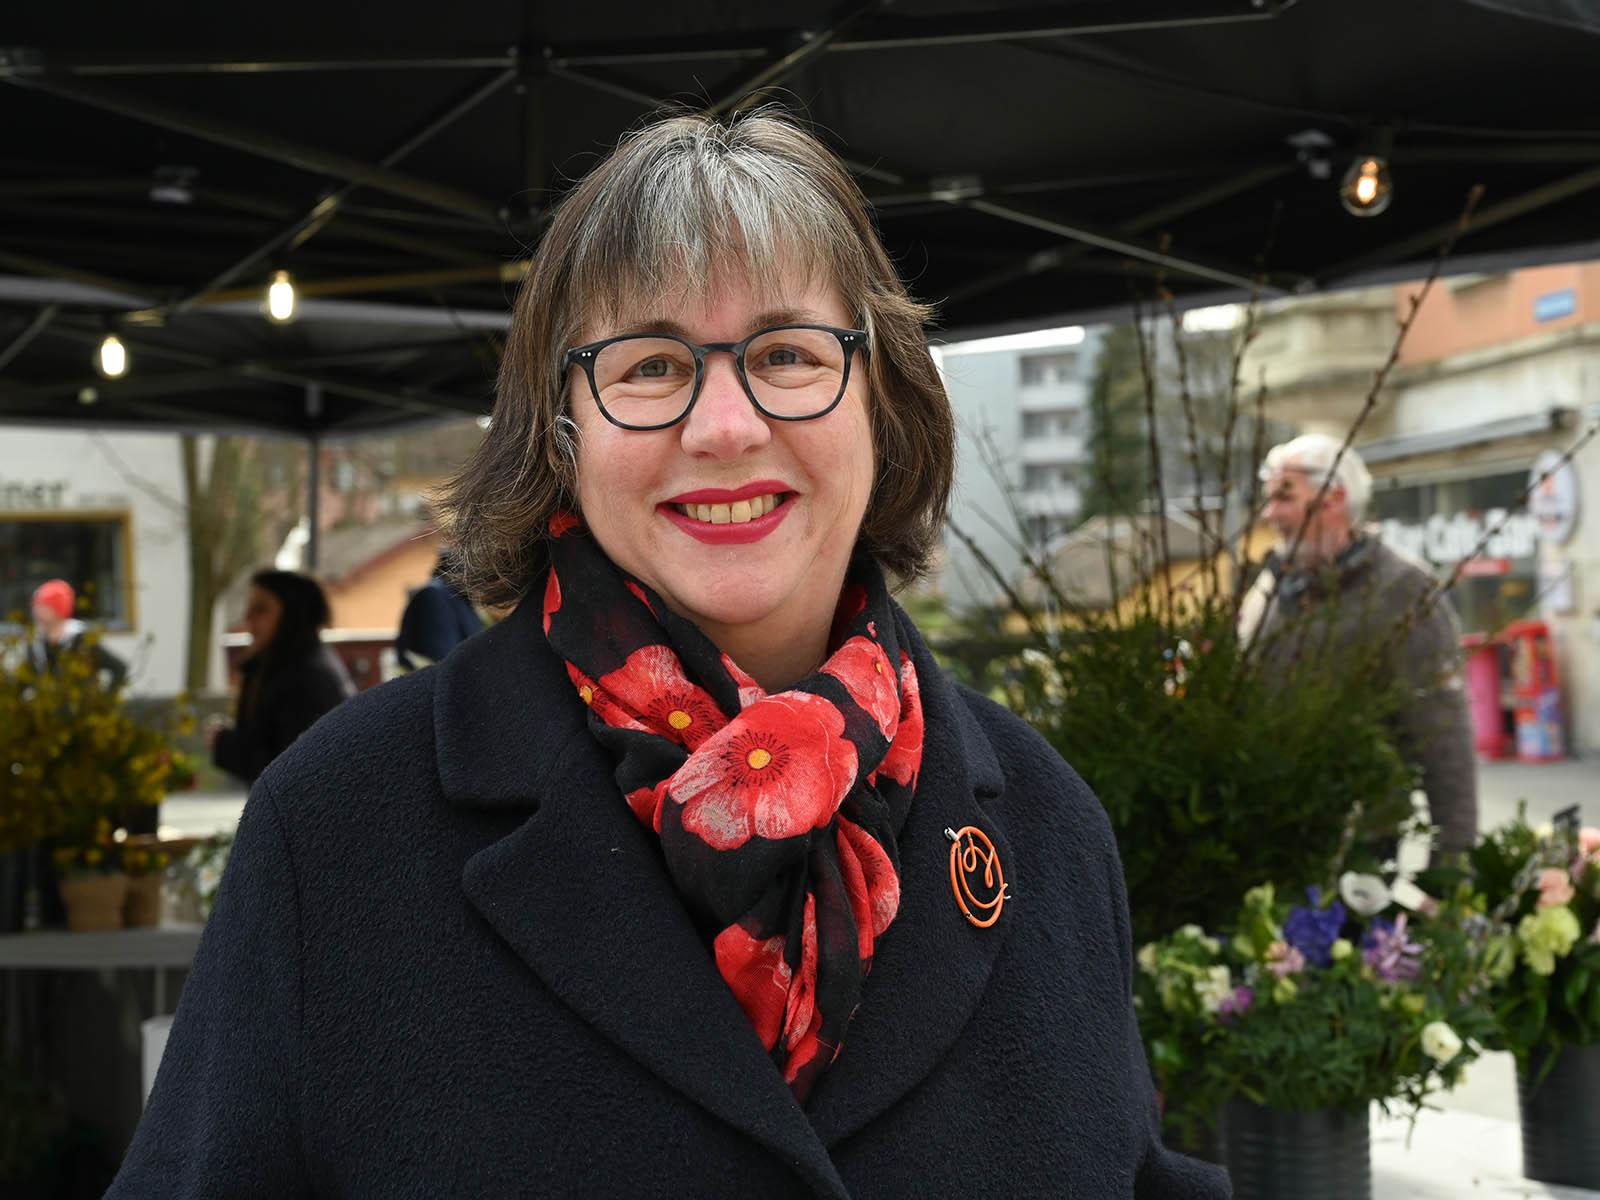 AL-Kantonsrätin Judith Stofer setzt sich für den Ausbau der ausserschulischen Kinderbetreuung ein.